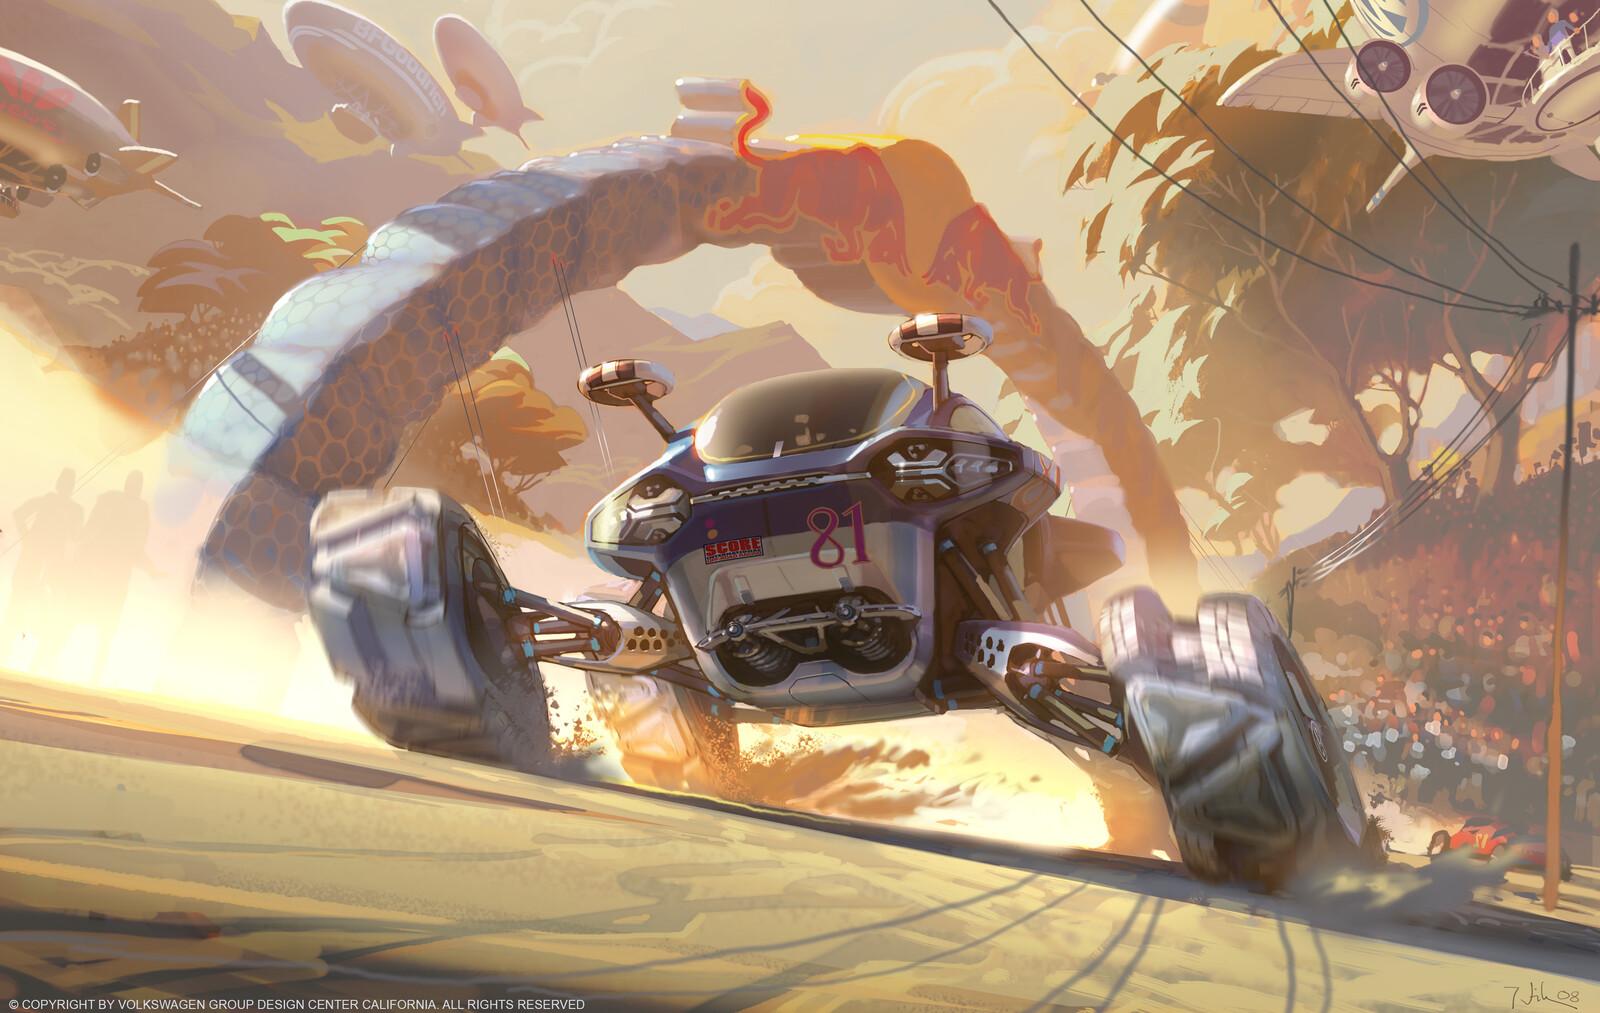 Volkswagen Biorunner Concept